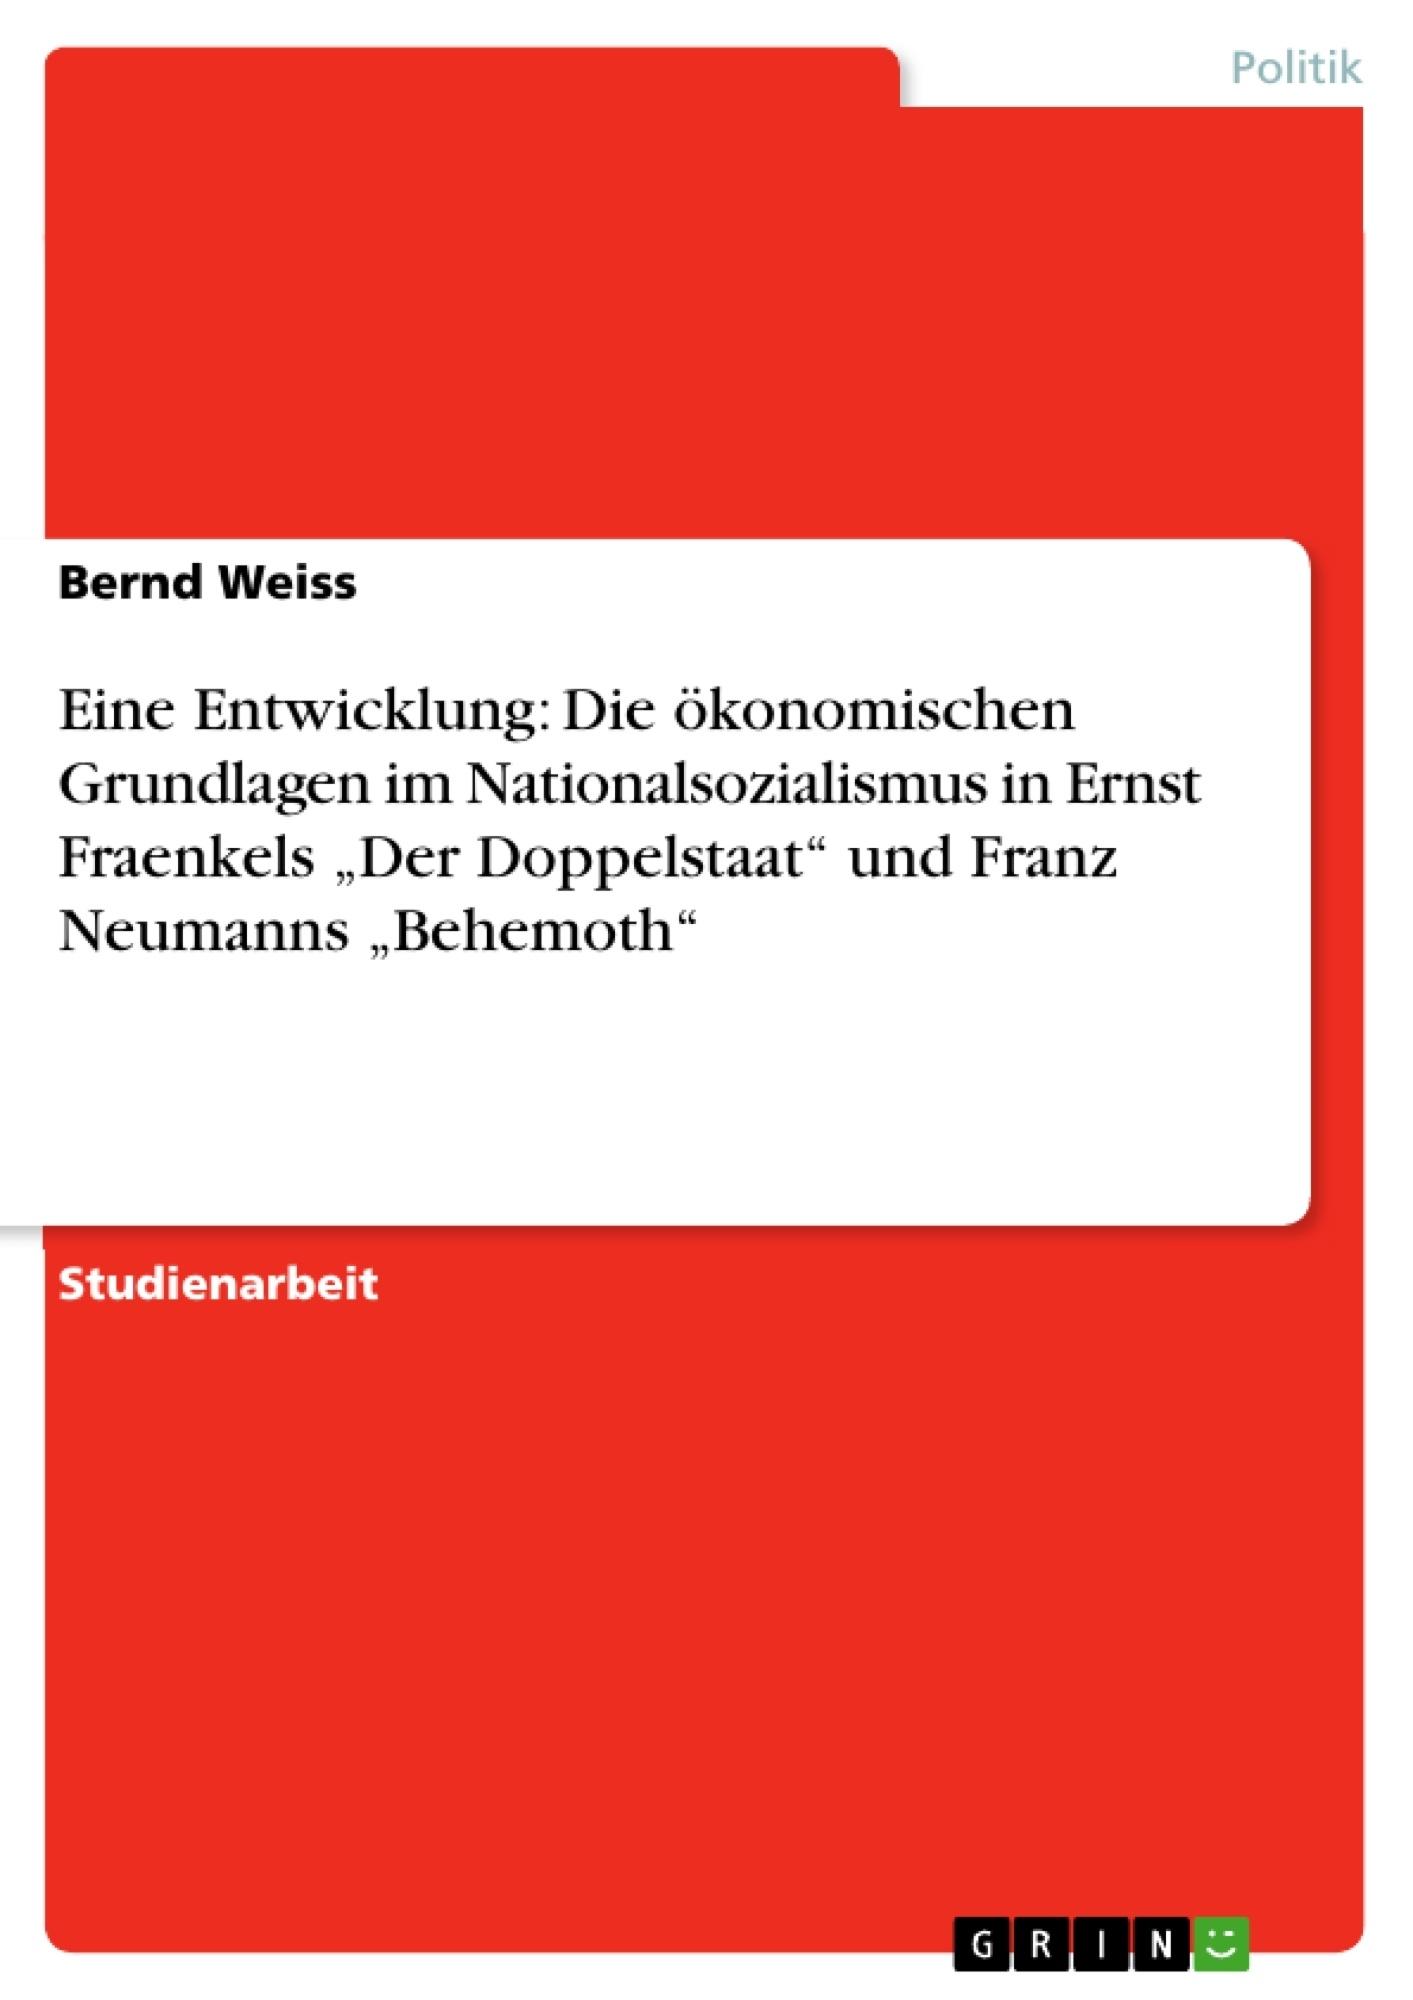 """Titel: Eine Entwicklung: Die ökonomischen Grundlagen im Nationalsozialismus in Ernst Fraenkels """"Der Doppelstaat"""" und Franz Neumanns """"Behemoth"""""""